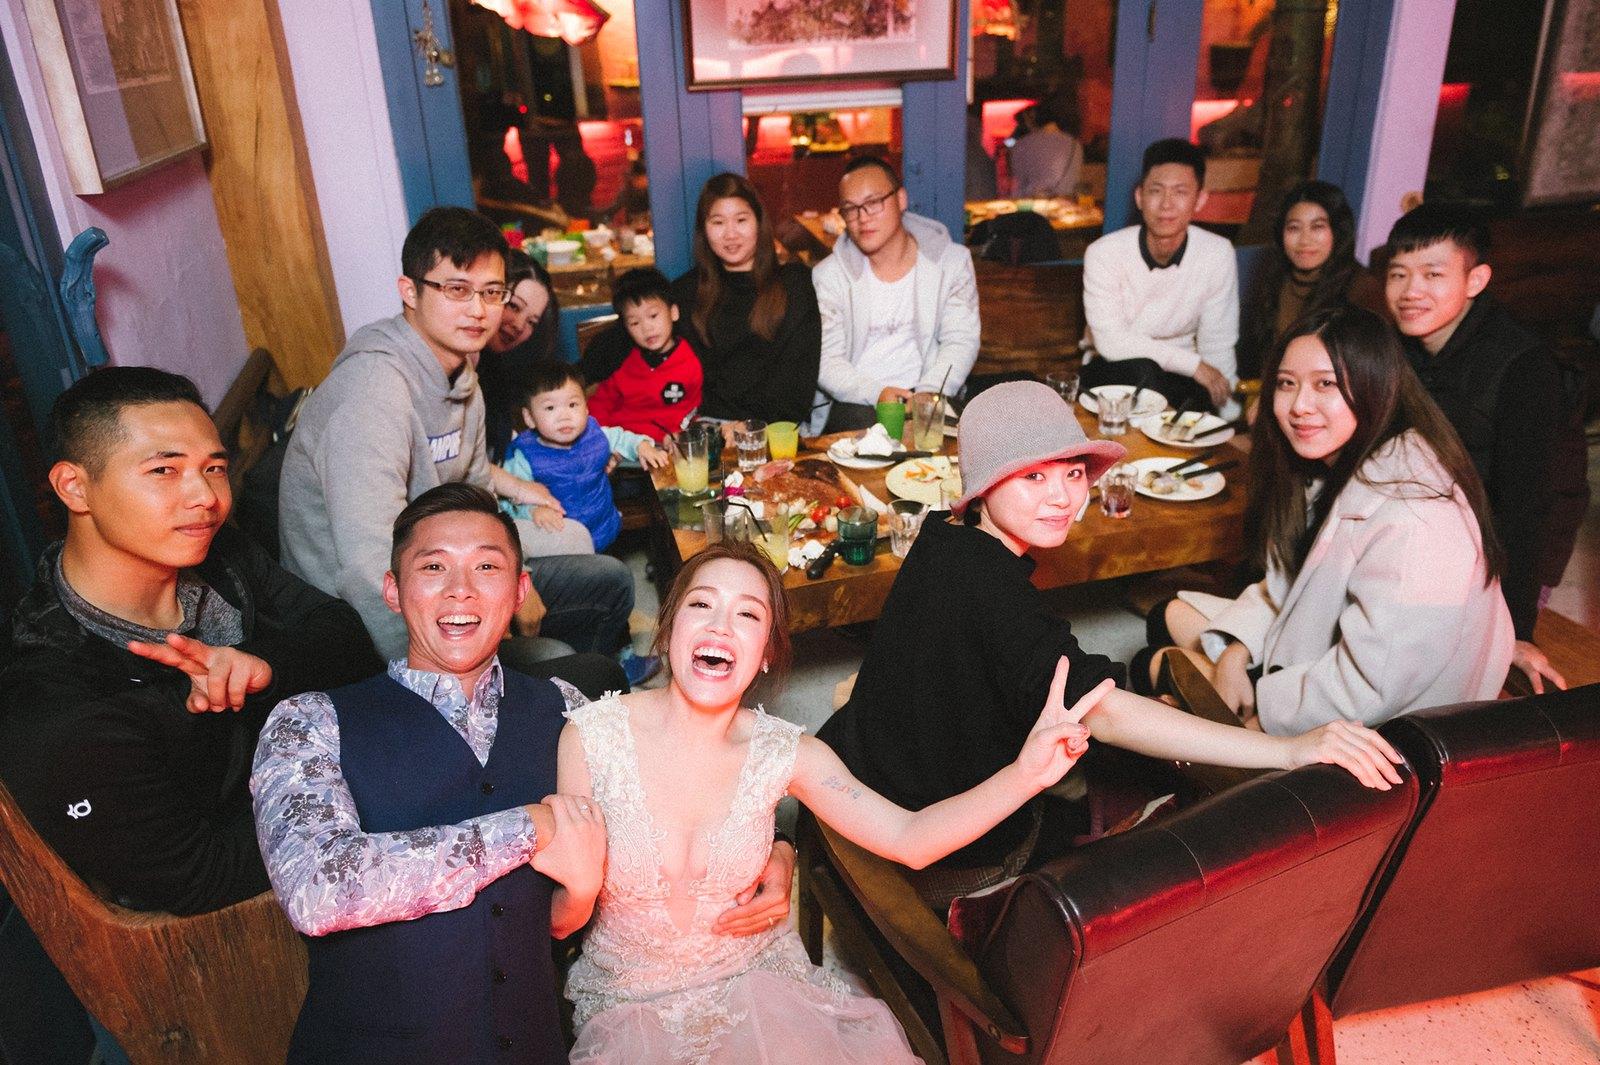 【婚攝】昆泰 & 小曼 / Luau ・ Pizza 柴寮披薩